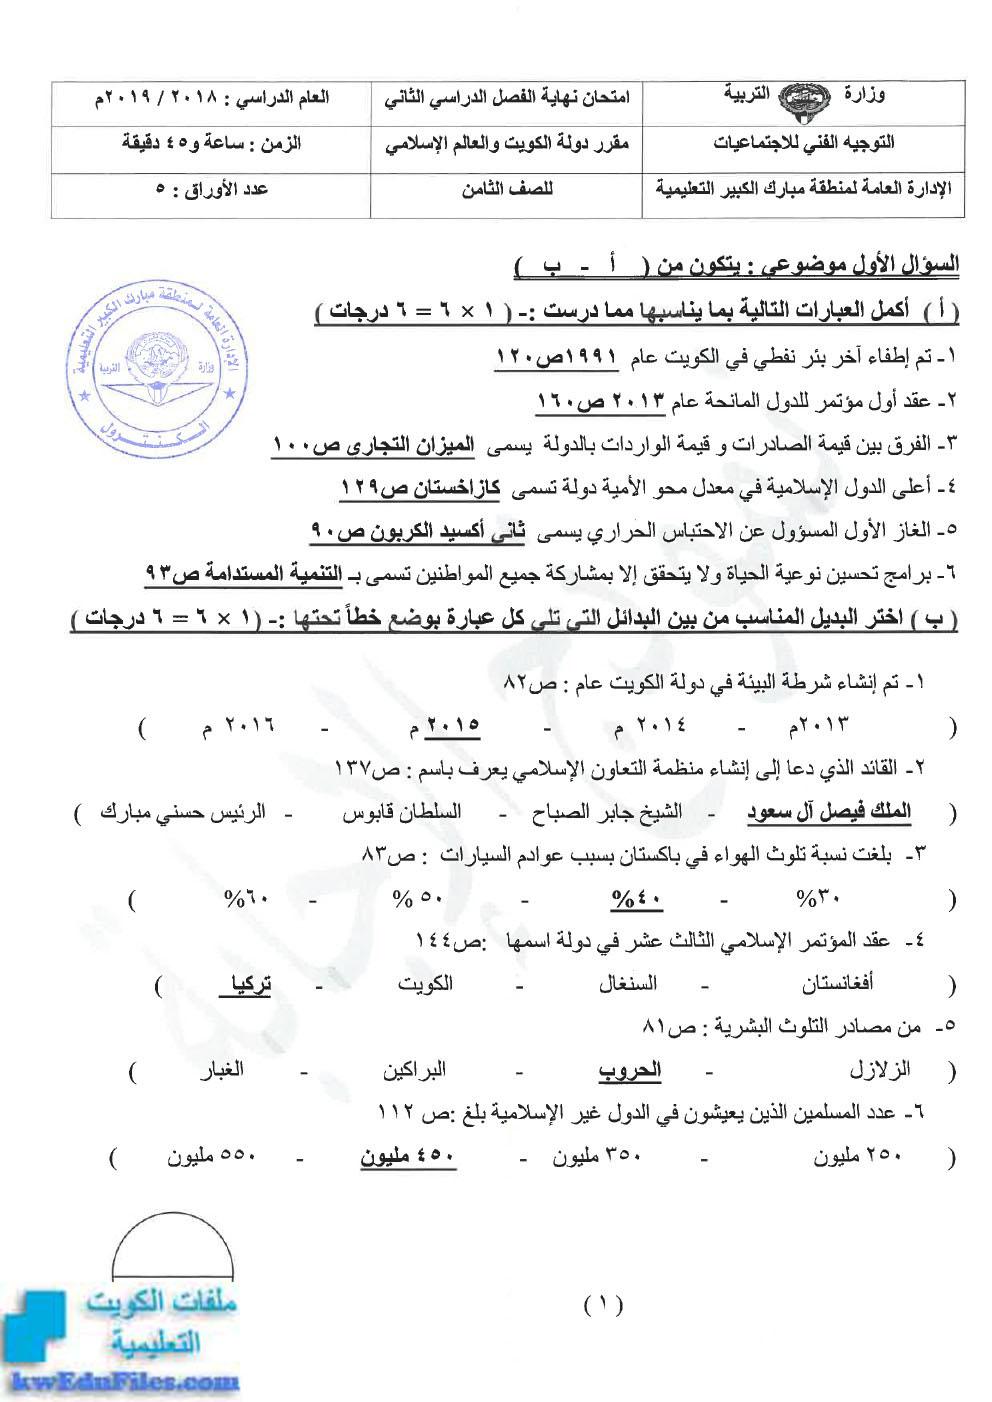 الصف الثامن اجتماعيات الفصل الثاني نموذج إجابة منطقة مبارك